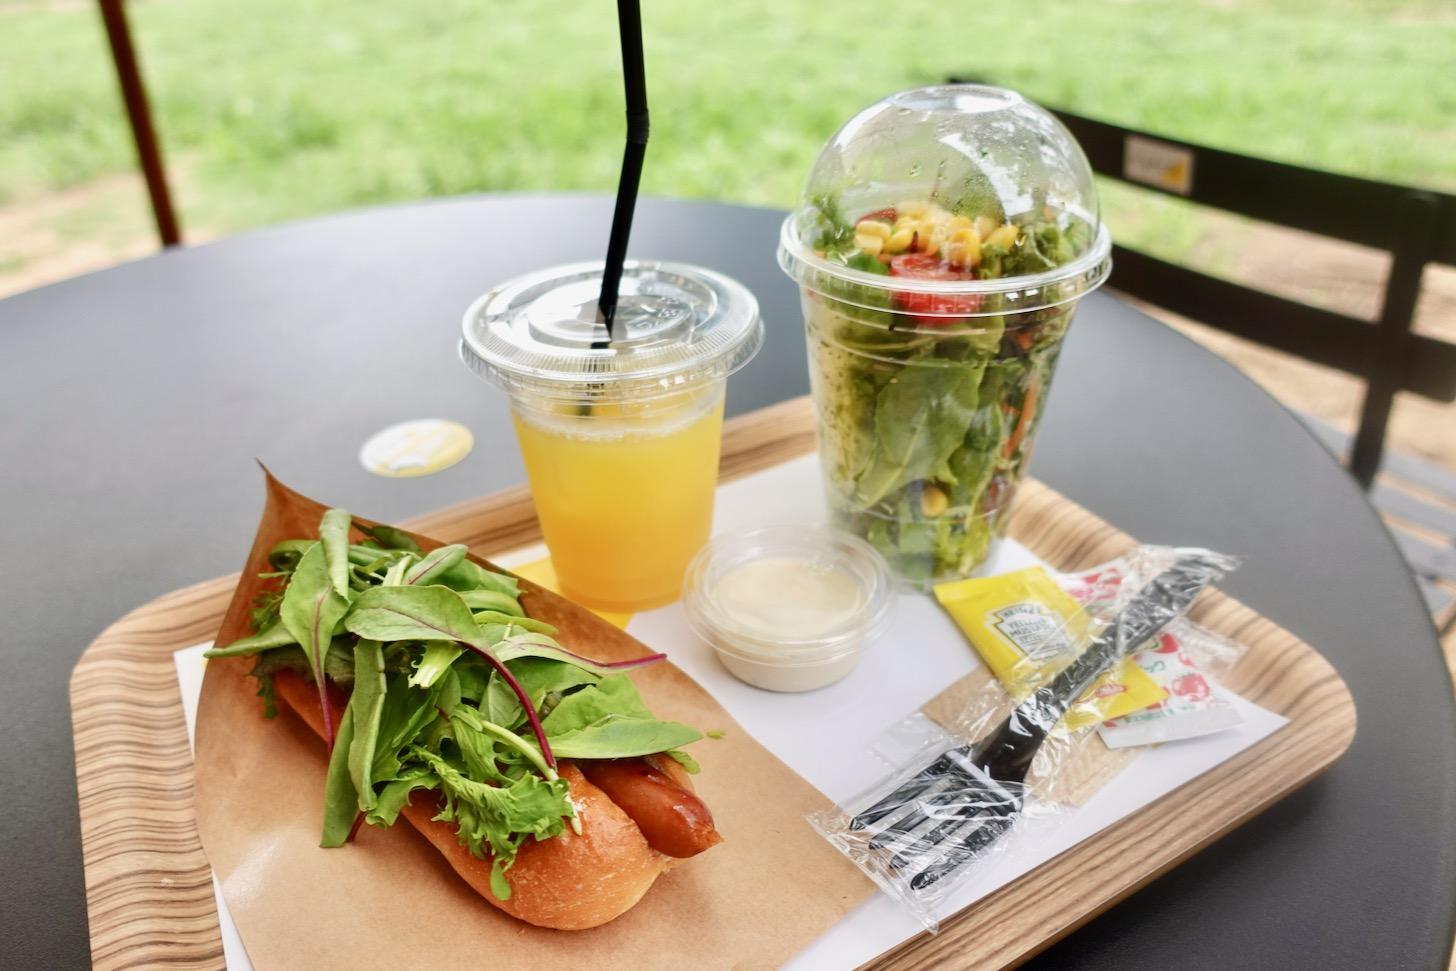 「愛彩畑のベビーリーフたっぷりのホットドッグ」はサラダ・ドリンクセットで830円税込